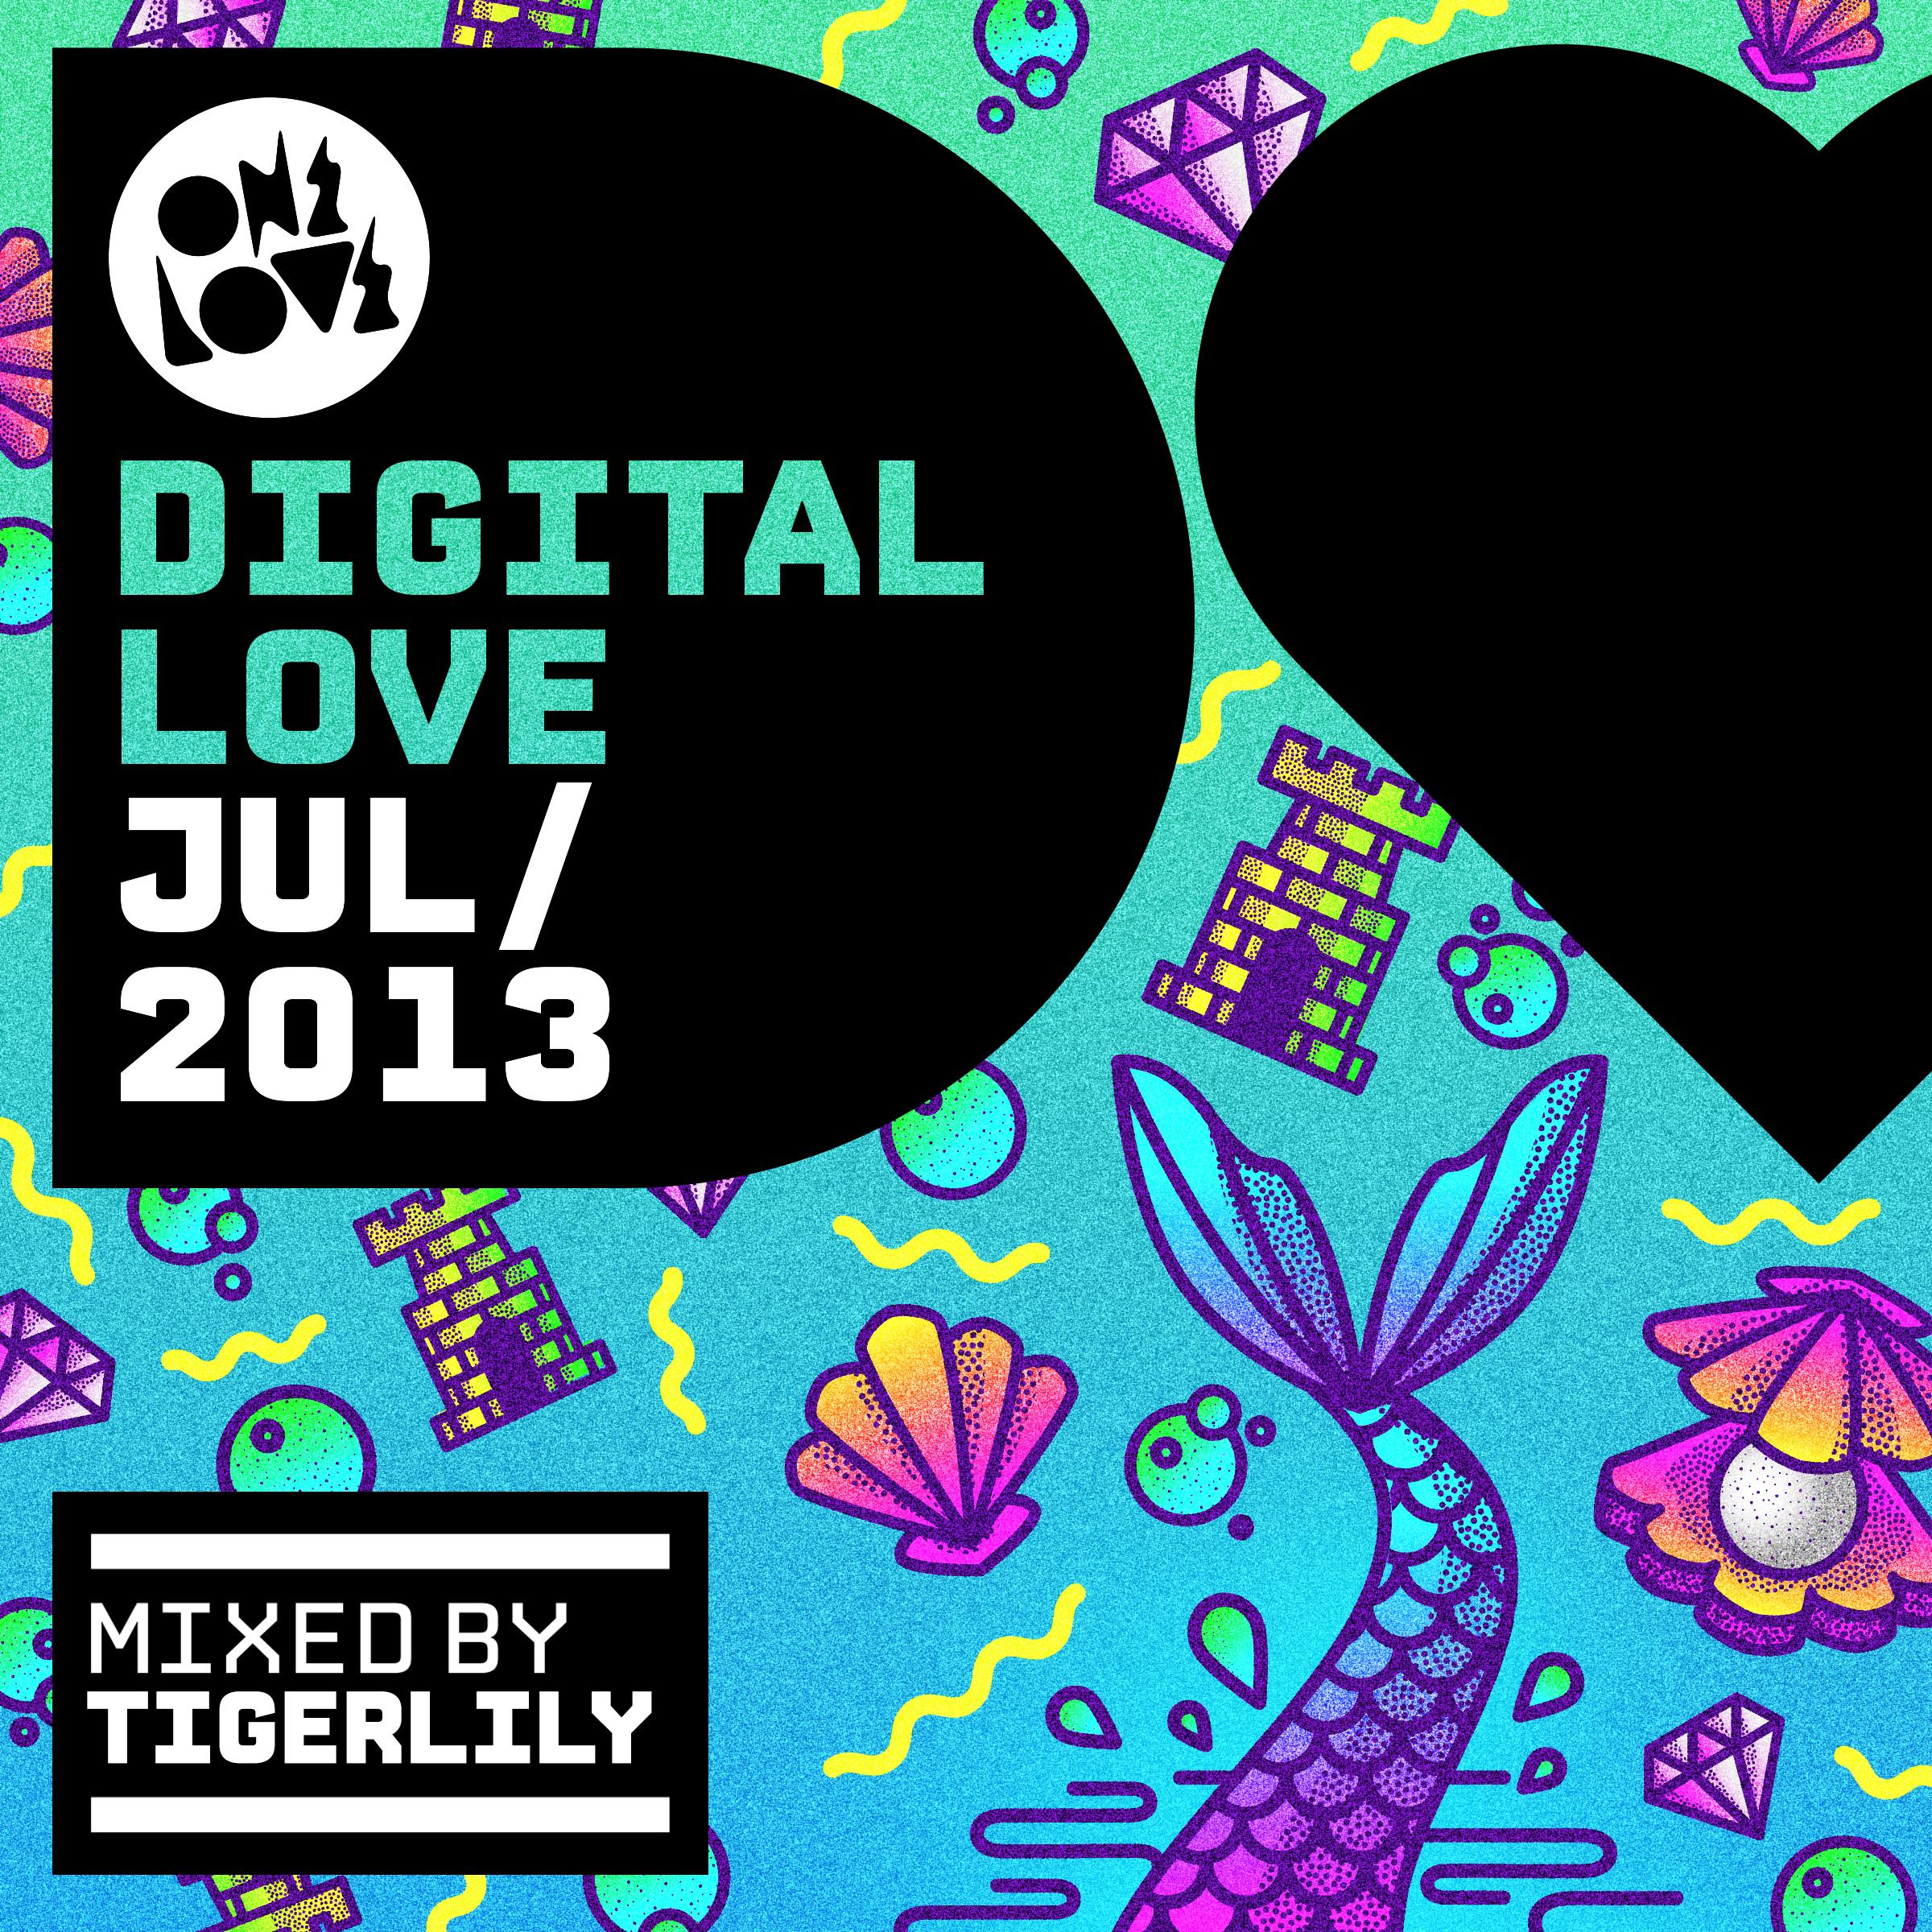 digital_love_JULY_2013_v2.1_delivered